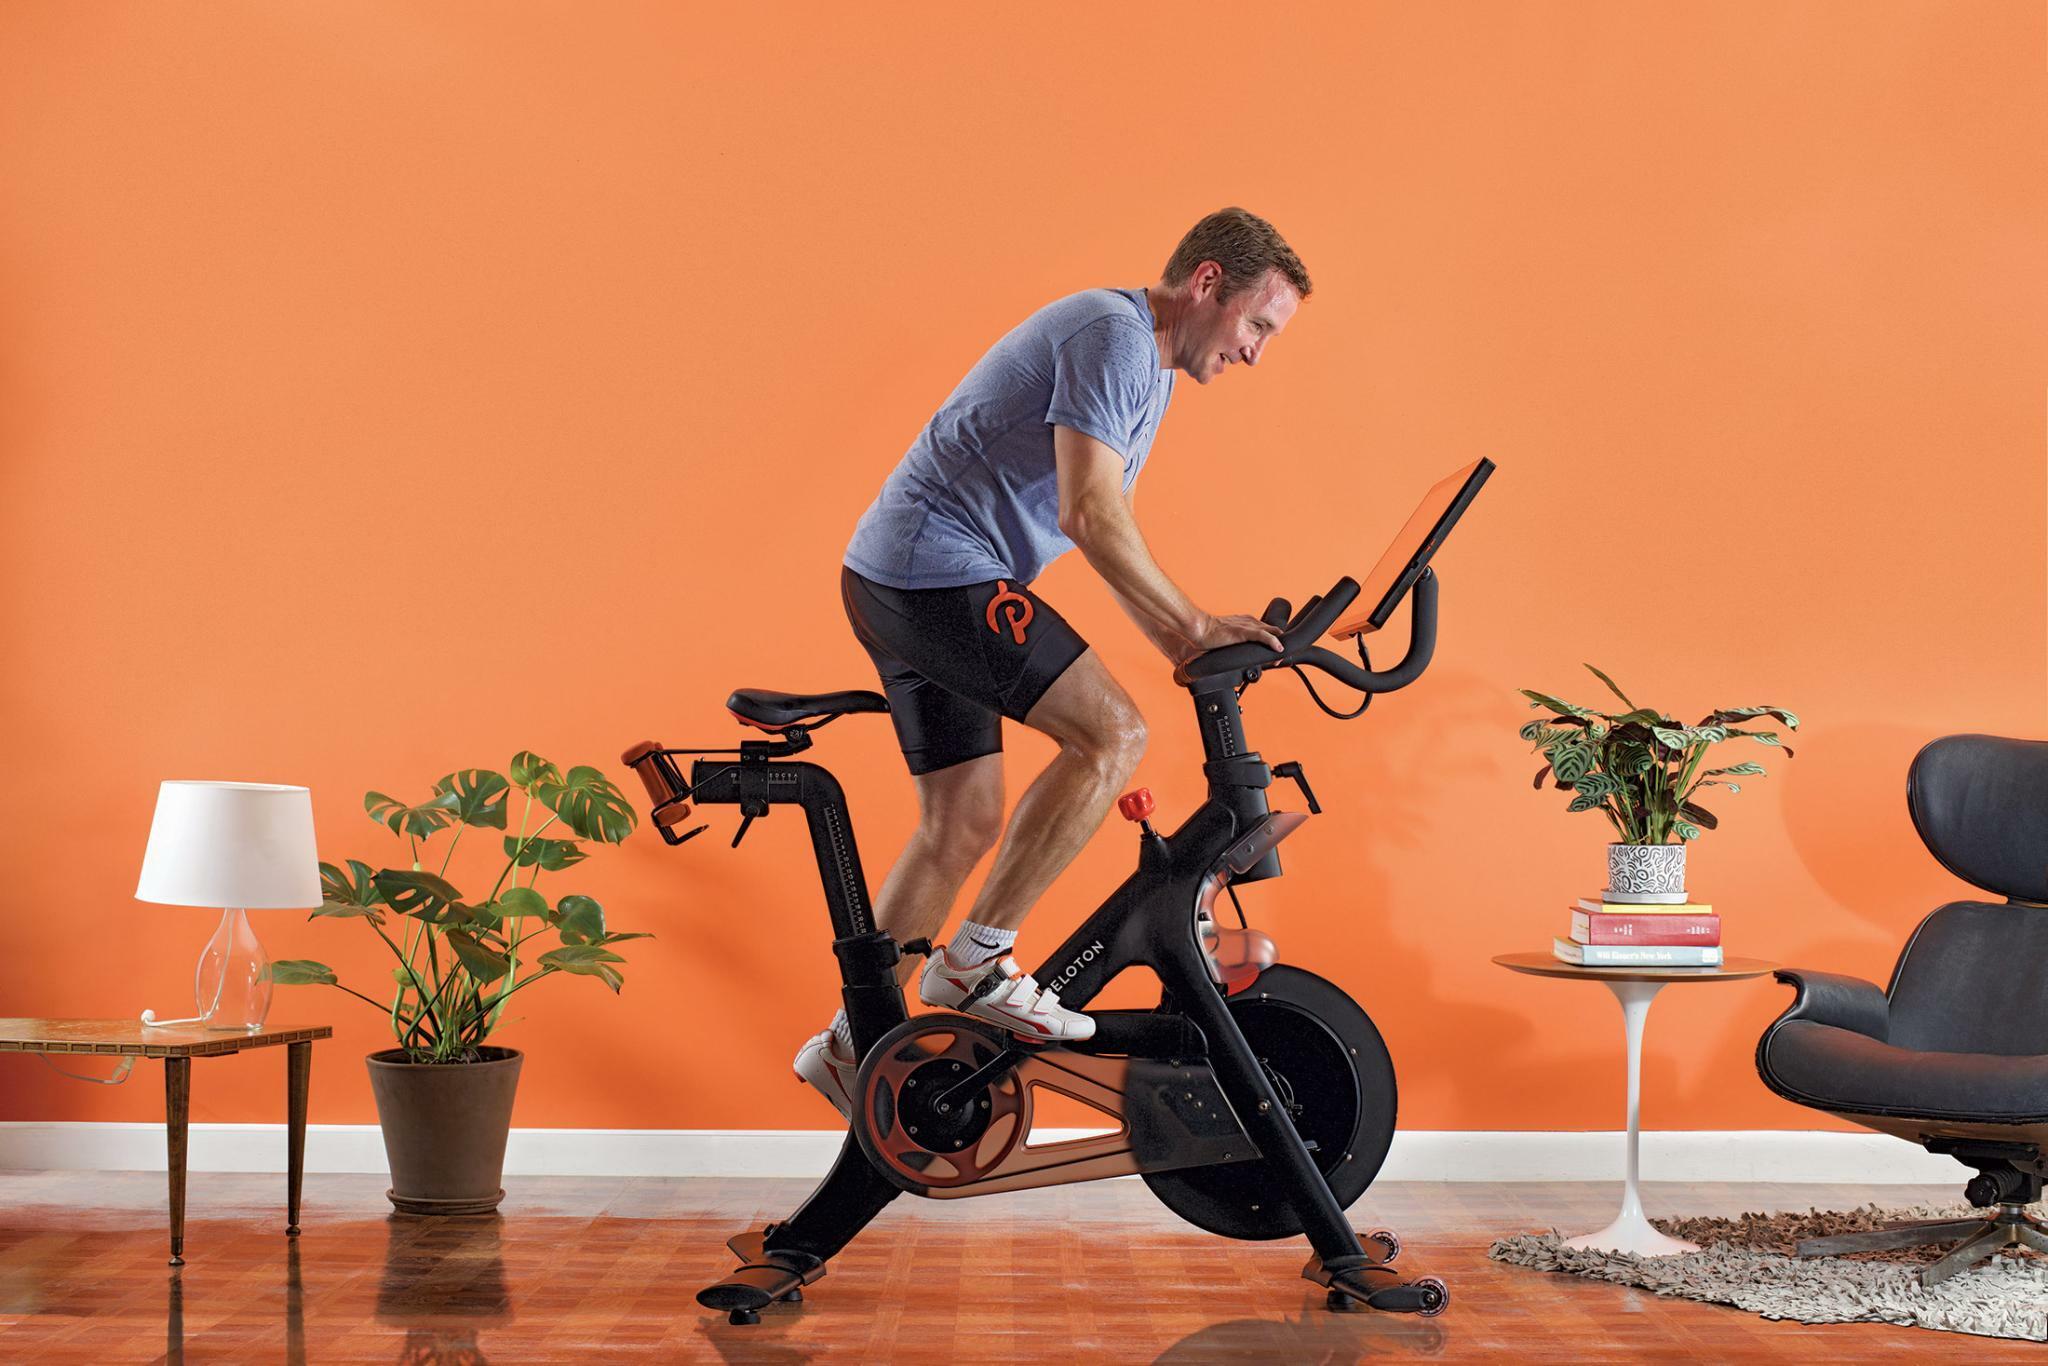 Fitnessrad-Anbieter Peloton startet in Deutschland